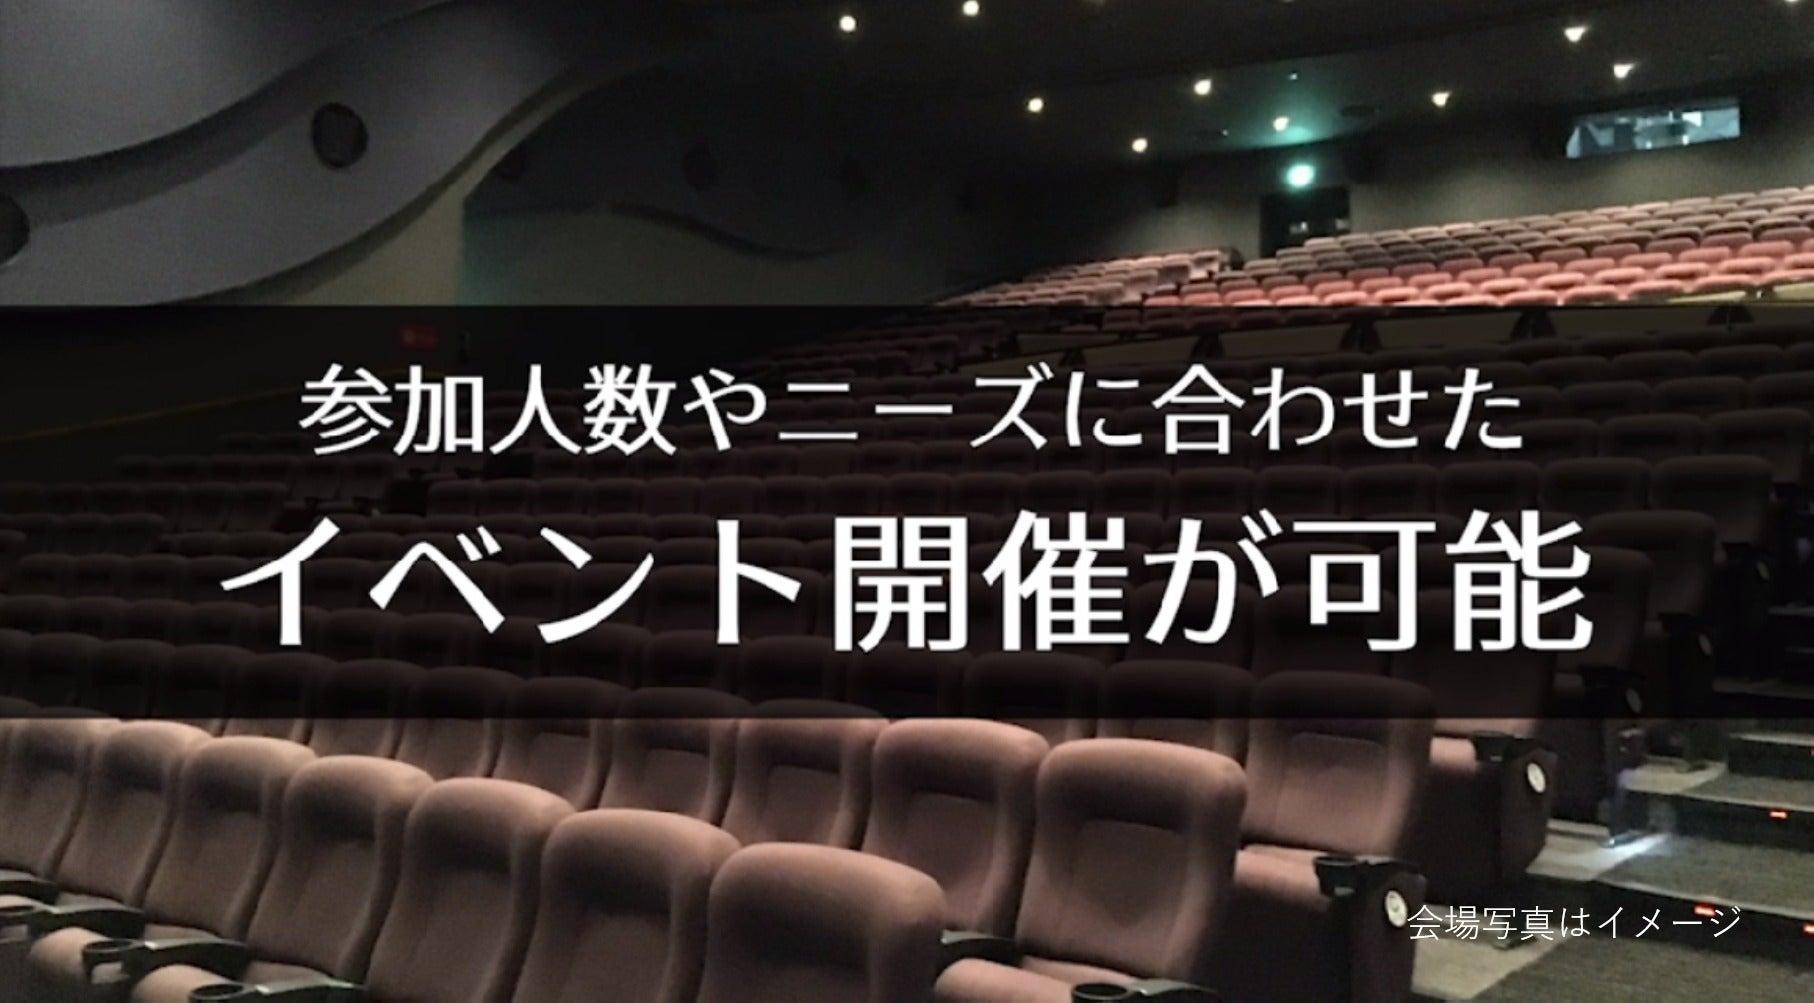 【金沢 171席】映画館で、会社説明会、株主総会、講演会の企画はいかがですか?(ユナイテッド・シネマ金沢) の写真0